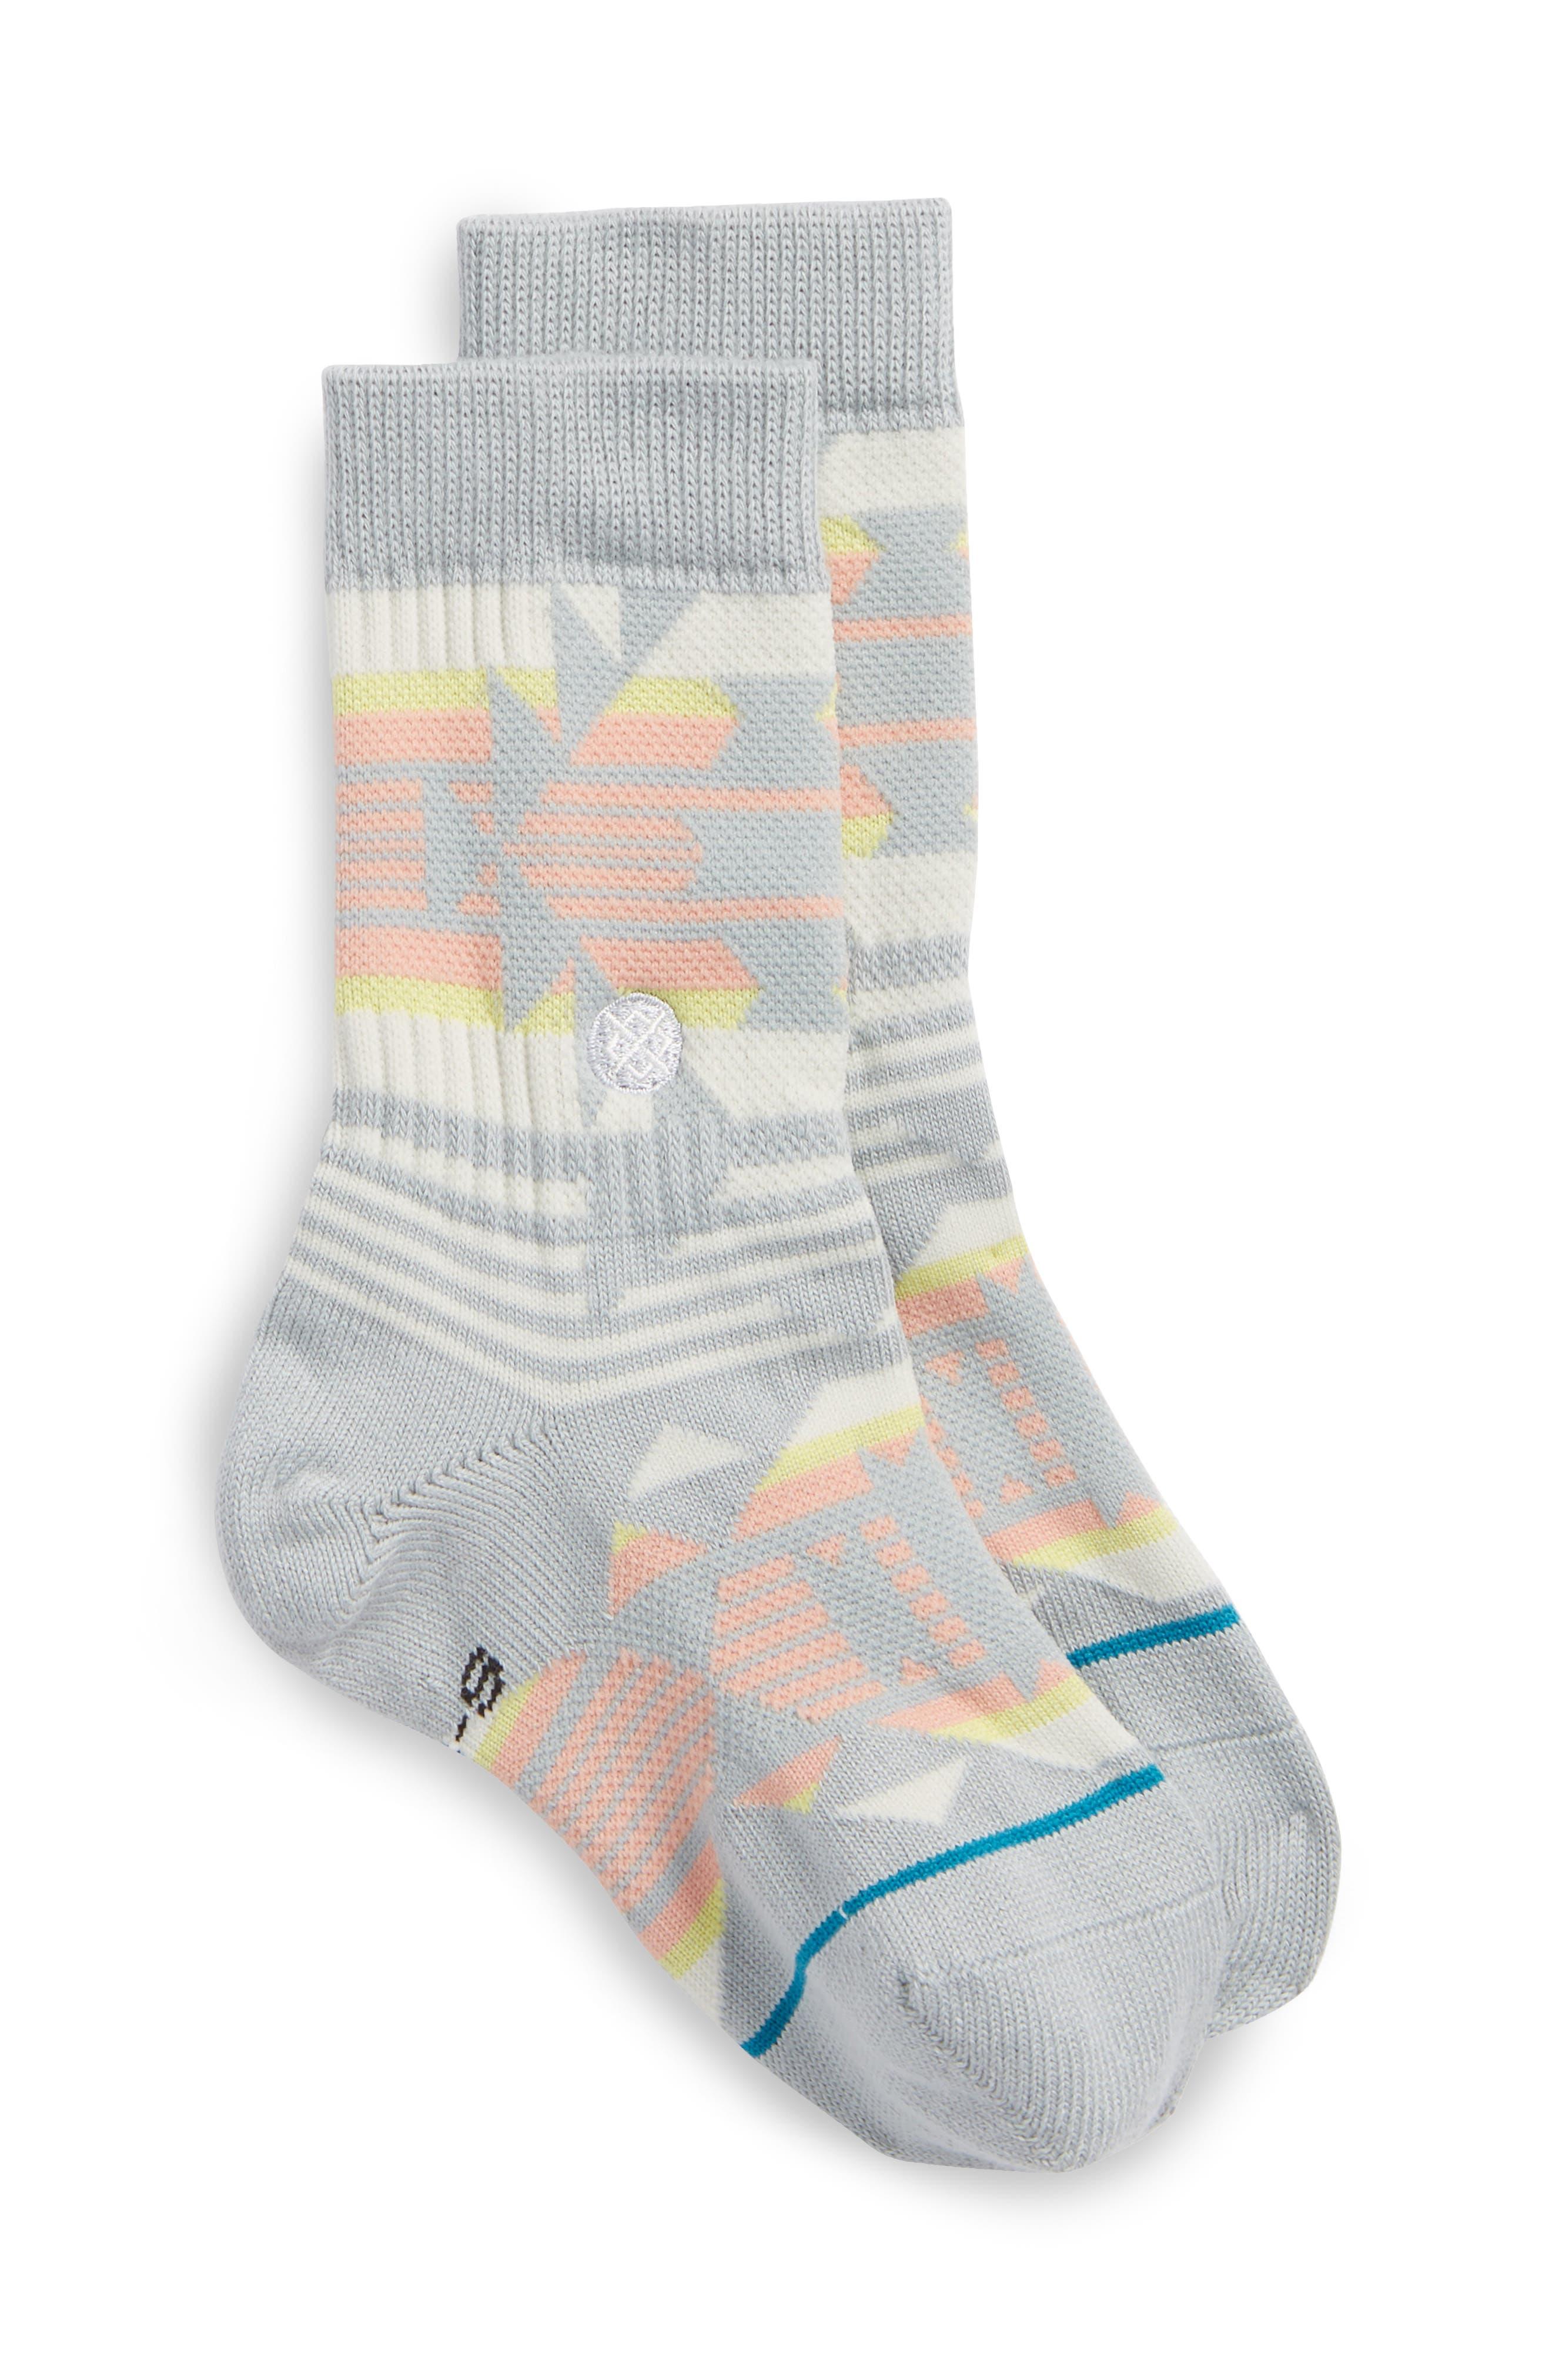 Fibbo Socks,                         Main,                         color, 020